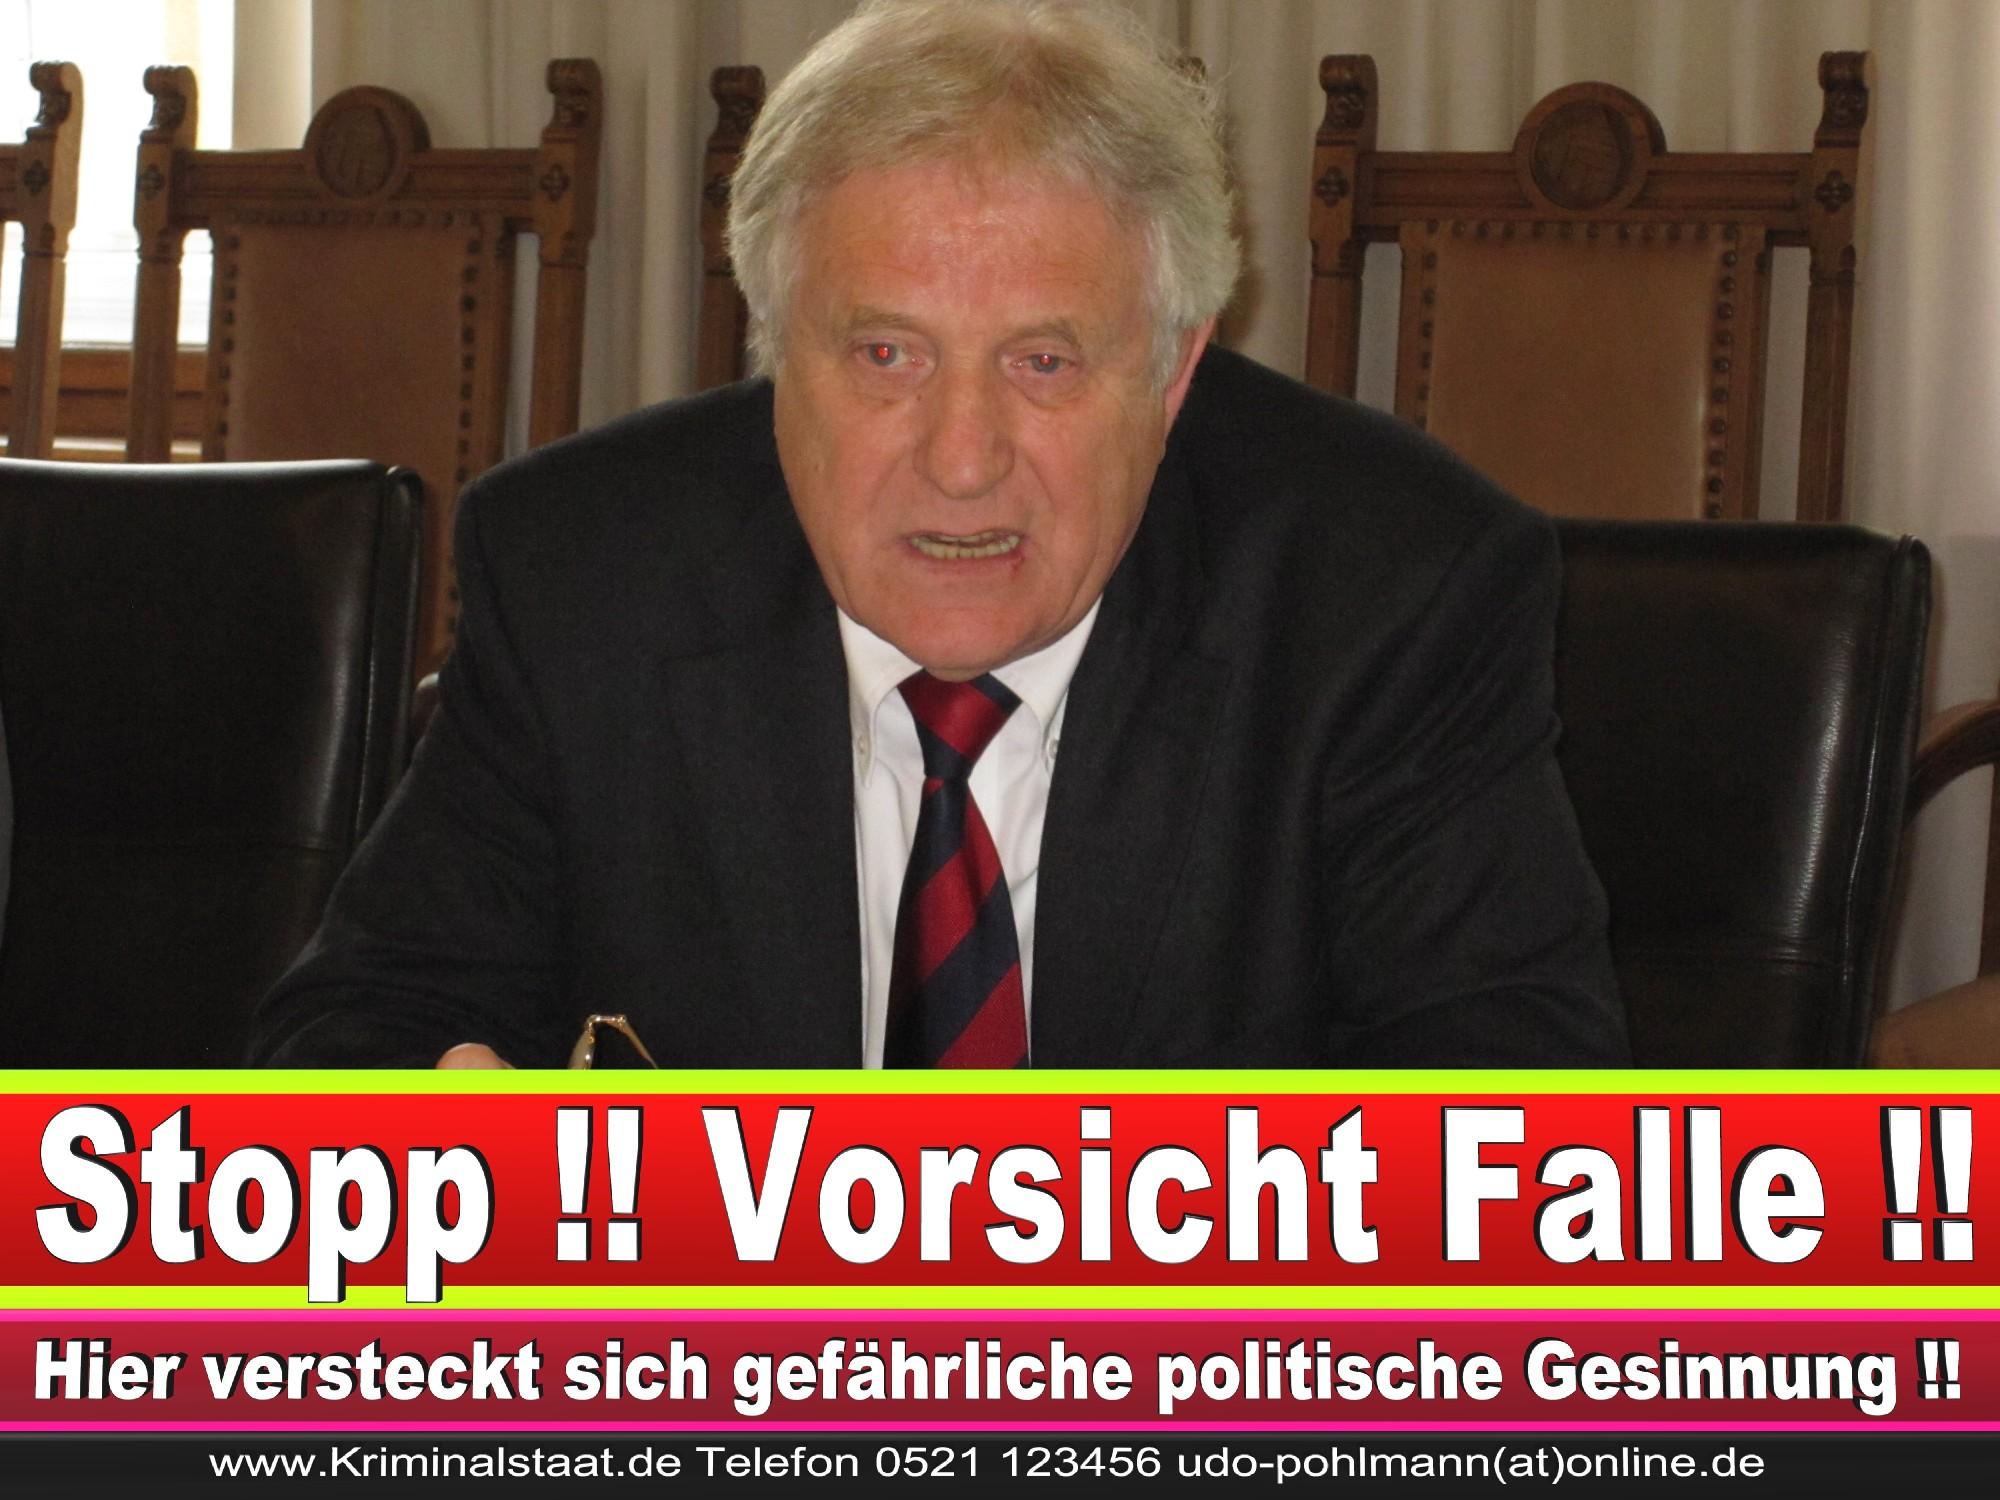 Polizeipräsident Erwin Südfeld Bielefeld Oberbürgermeister Bürgermeister Peter Clausen Pit Clausen Bielefeld (27)